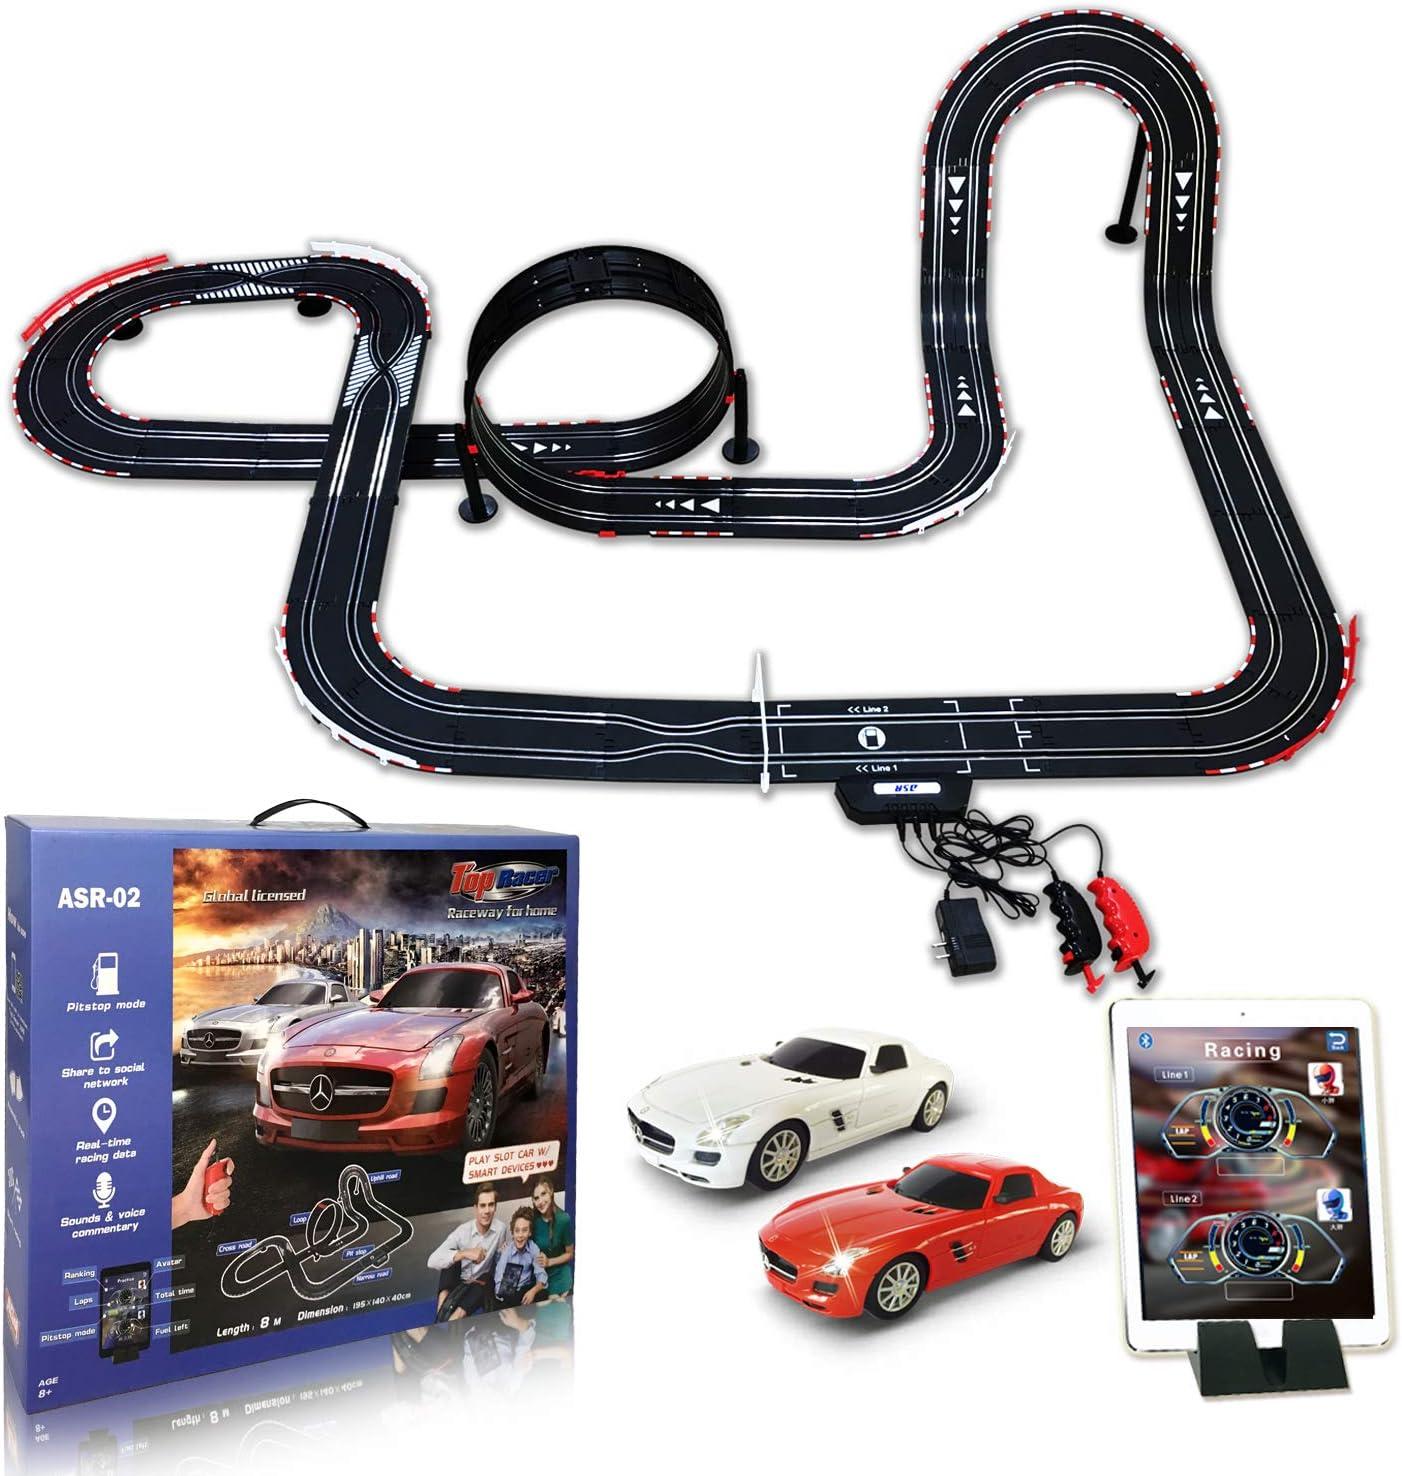 best slot car track sets